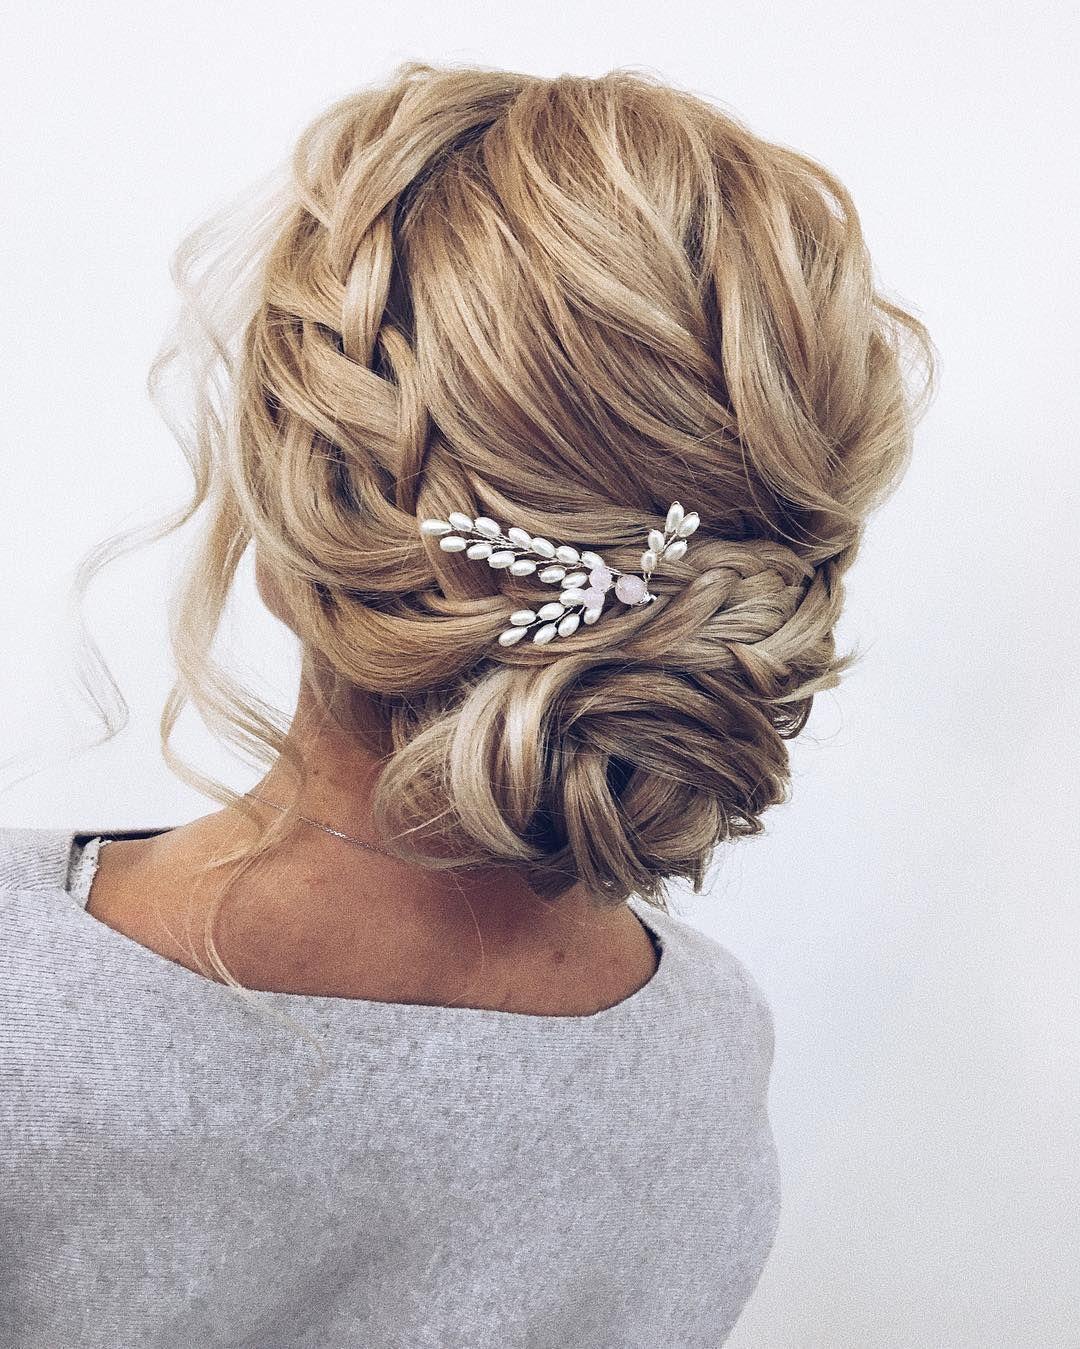 100 wunderschöne Hochzeit Haare von der Zeremonie bis zum Empfang - Fabmood | Hochzeitsfarben, Hochzeitsthemen, Hochzeitsfarbpaletten -  Hochsteckfrisur geflochten Hochsteckfrisur, gefegt zurück Brautfrisur, Hochsteckfrisuren, Hochzeit - #beautifulhairstylesforwedding #bis #der #diyhairstyleslong #diyweddinghairstyles #empfang #fabmood #haare #hairstylesweddingguest #hochzeit #hochzeitsfarben #Hochzeitsfarbpaletten #hochzeitsthemen #von #wunderschone #zeremonie #zum #weddinghairstylesupdo